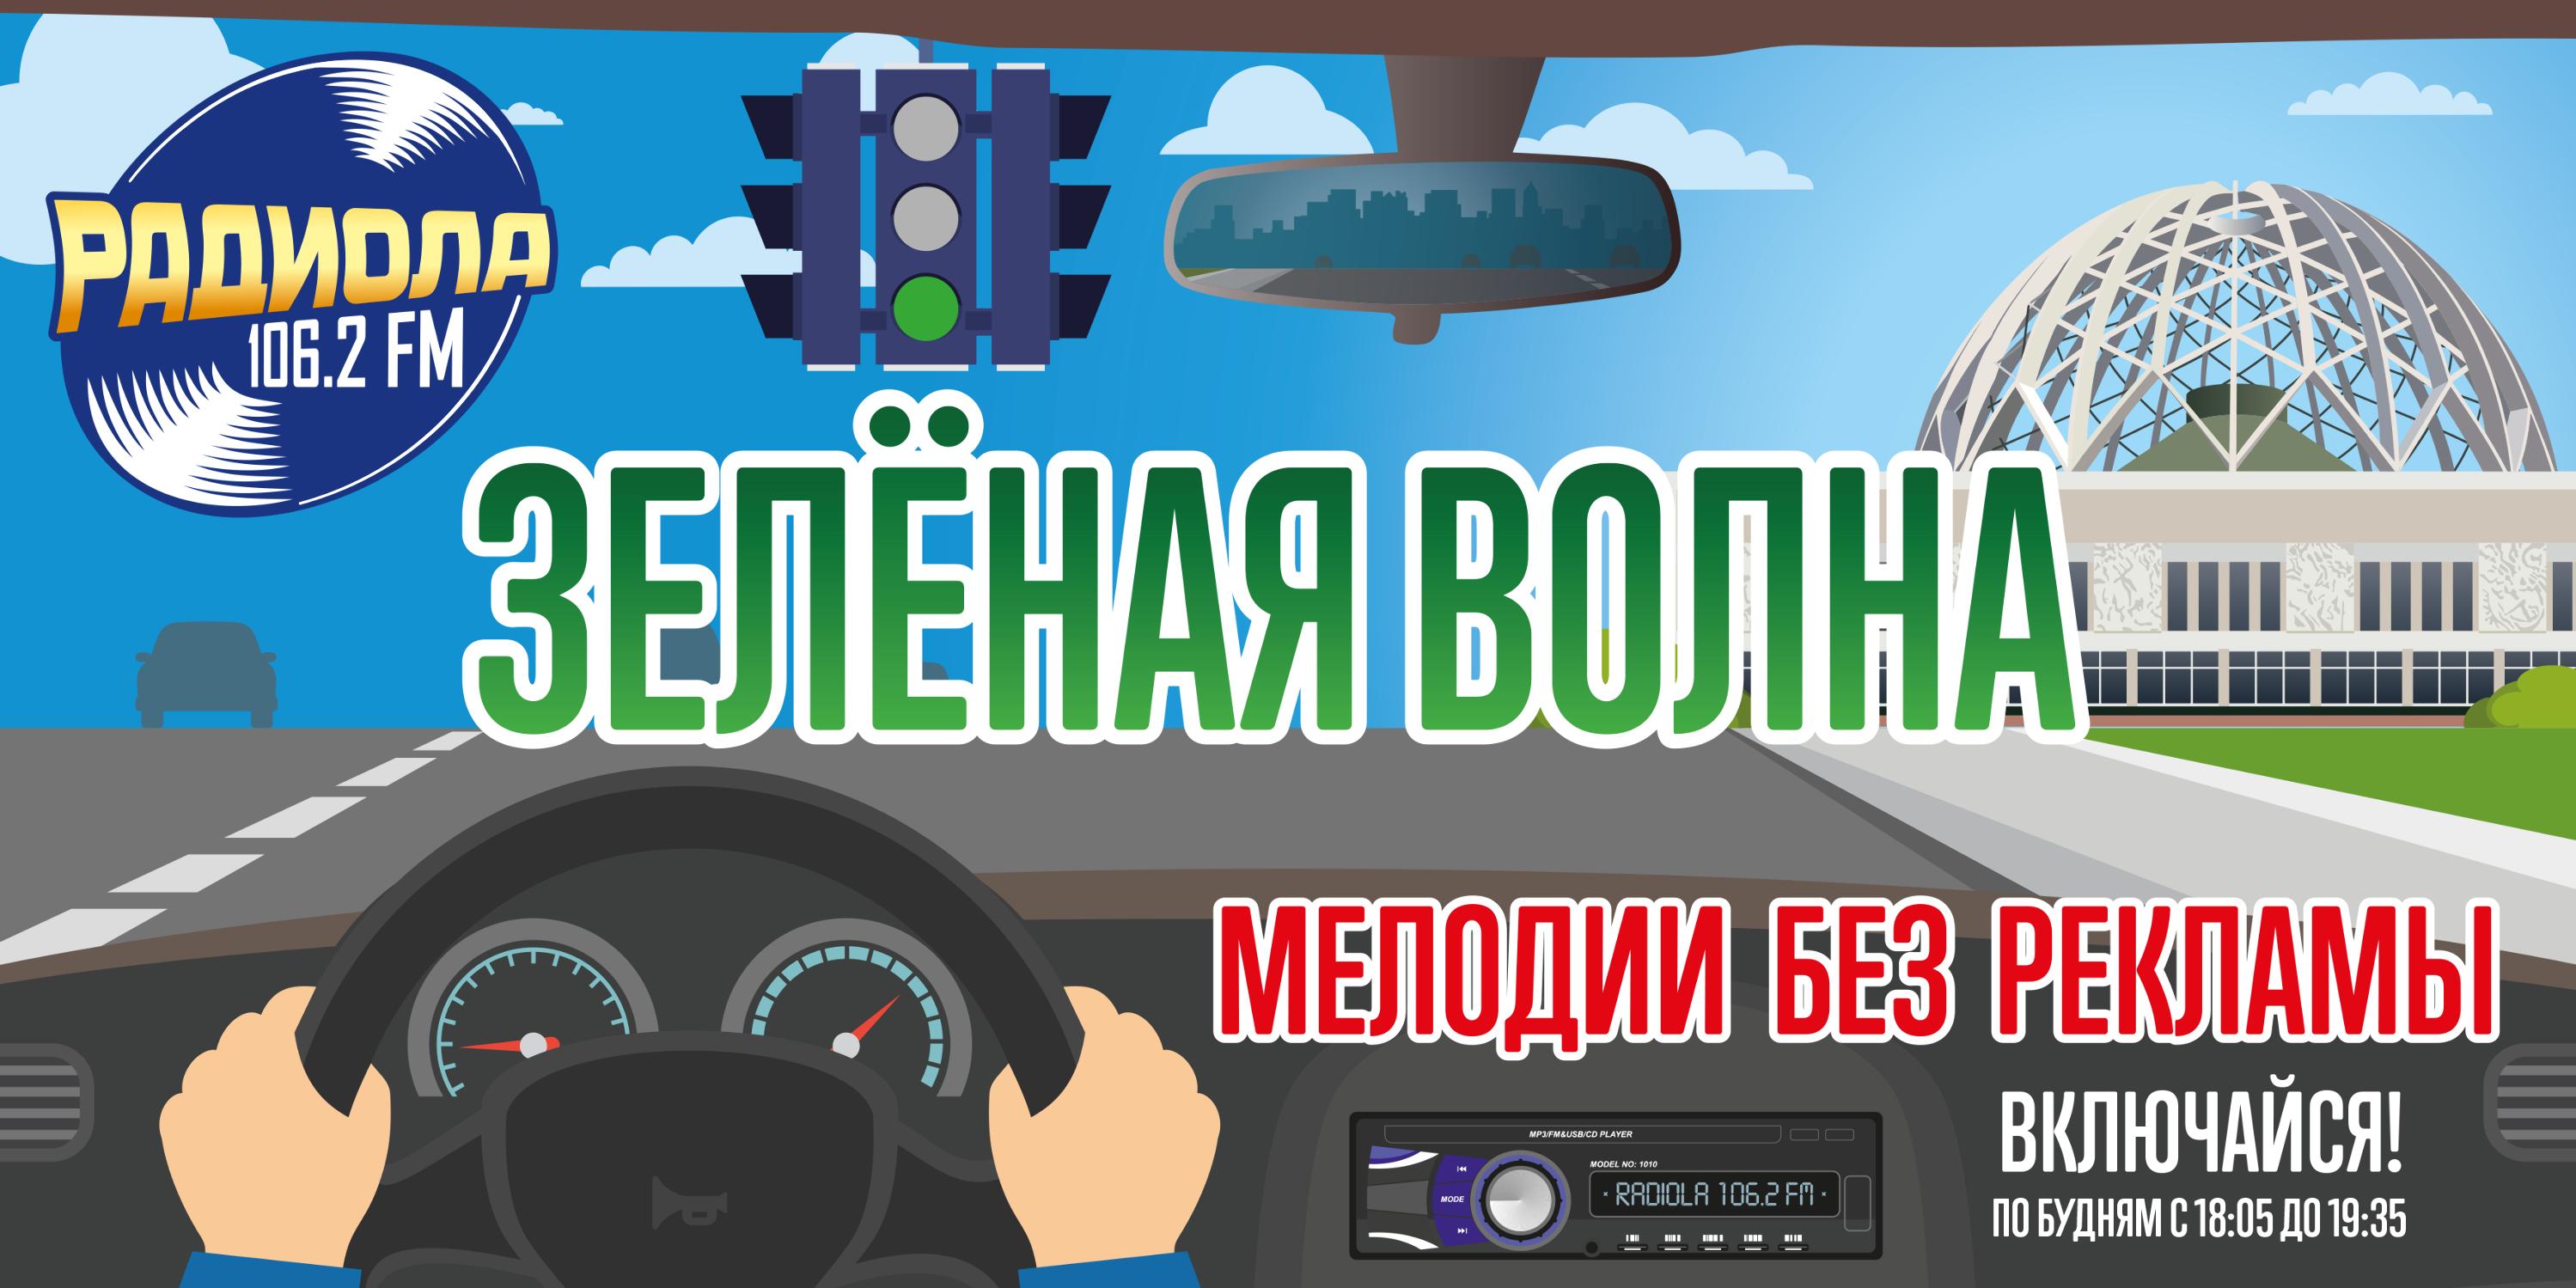 В Екатеринбурге включили «Зелёную волну» на Радиоле 106.2 FM